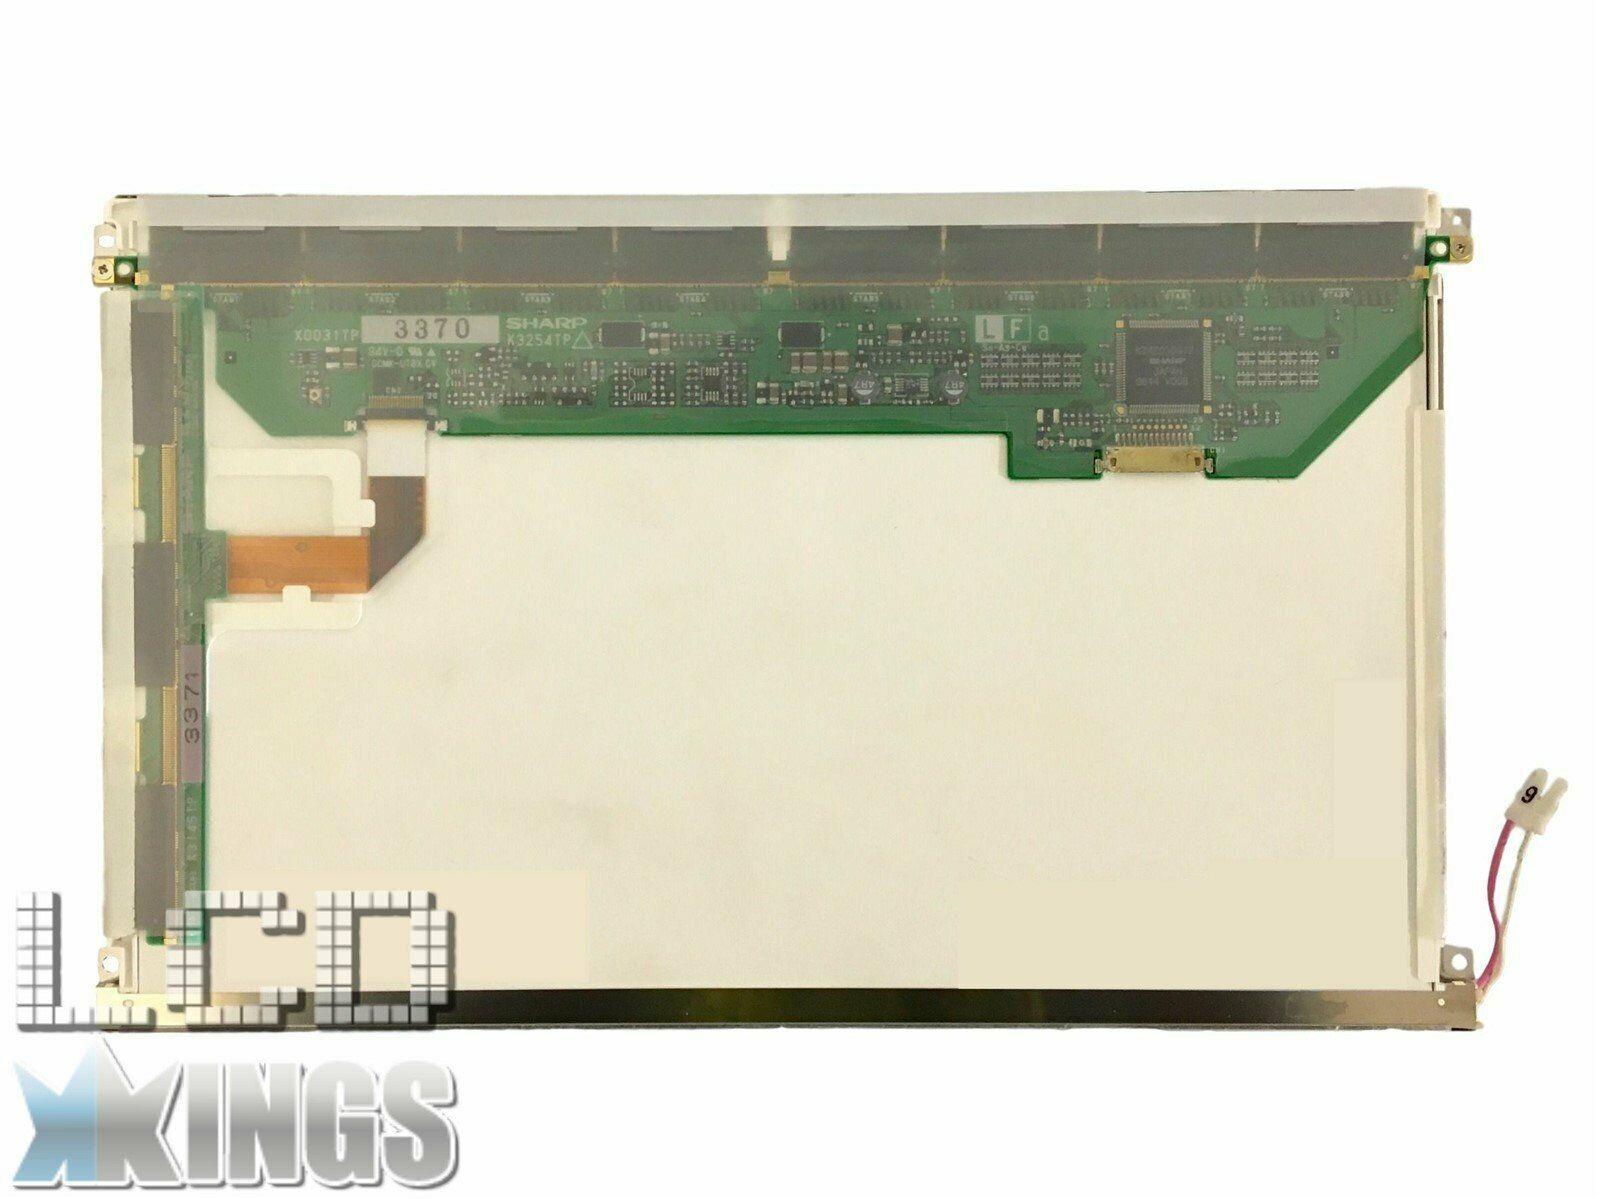 Sharp lq106k1la01 10.6